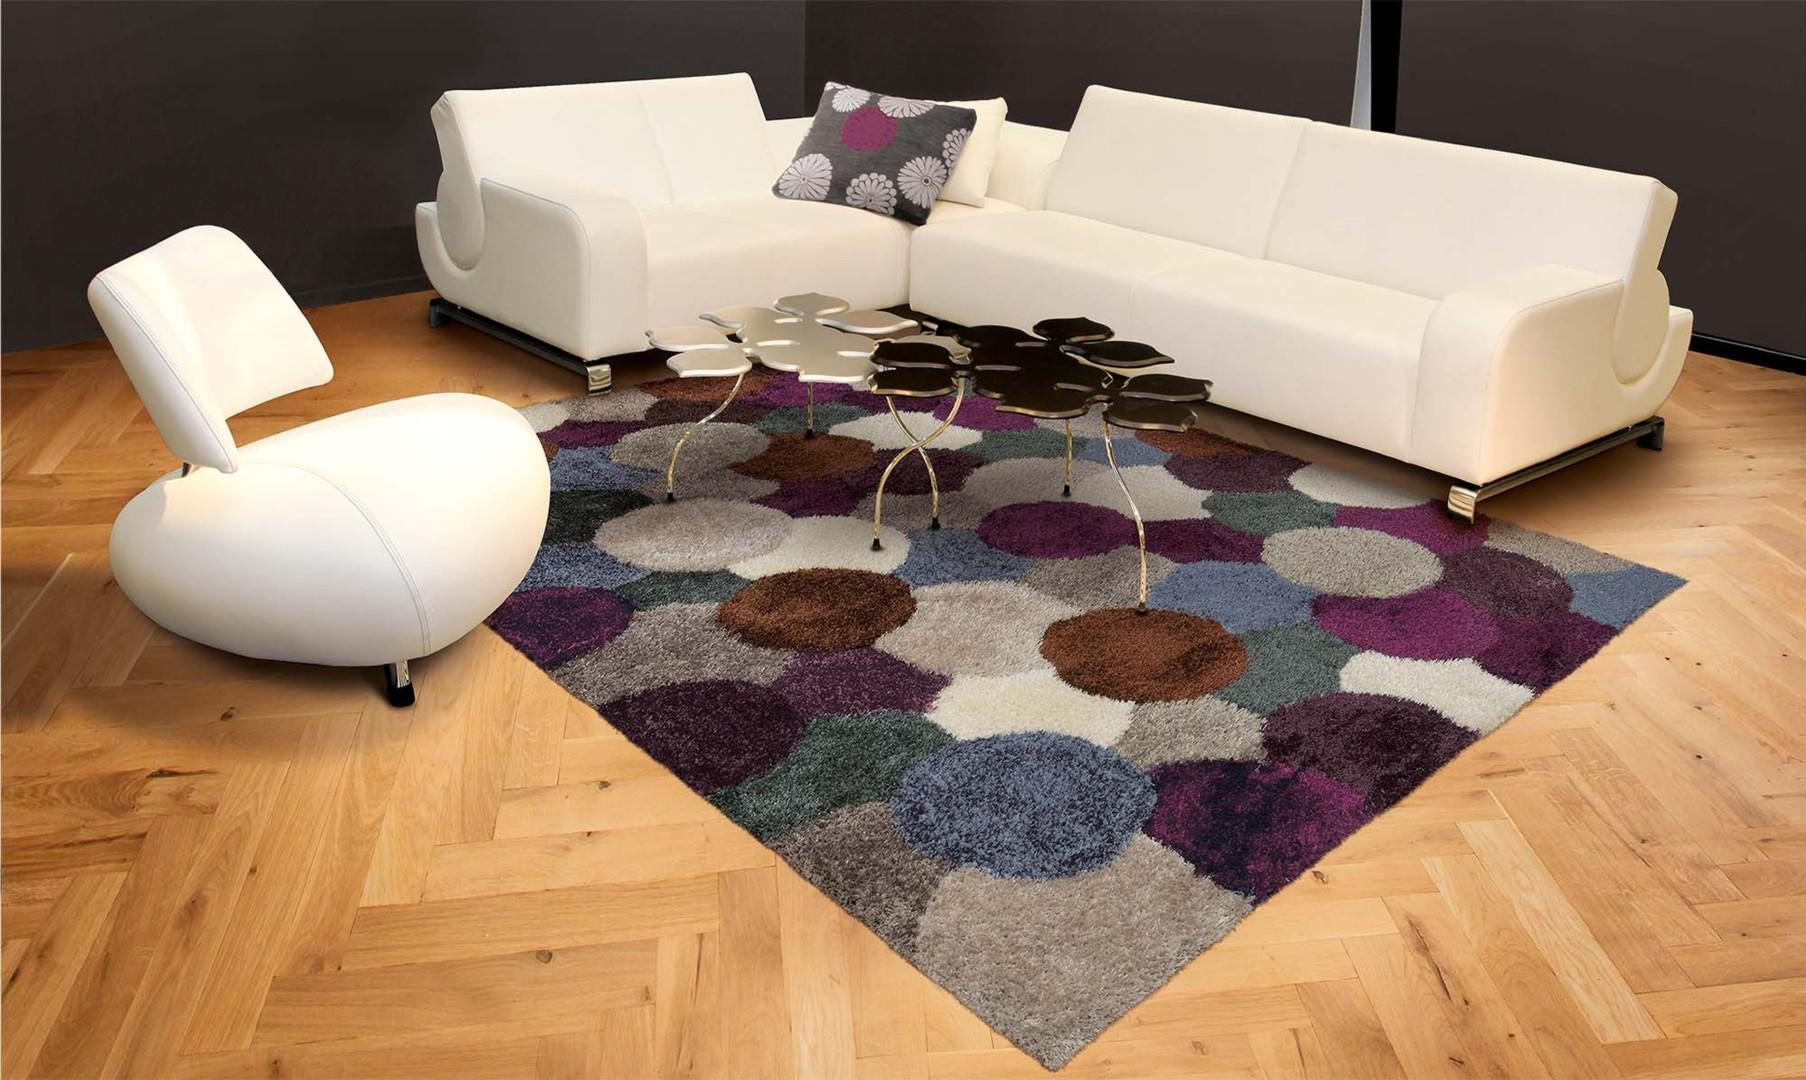 comment nettoyer un tapis shaggy tapis shaggy fancy noir. Black Bedroom Furniture Sets. Home Design Ideas